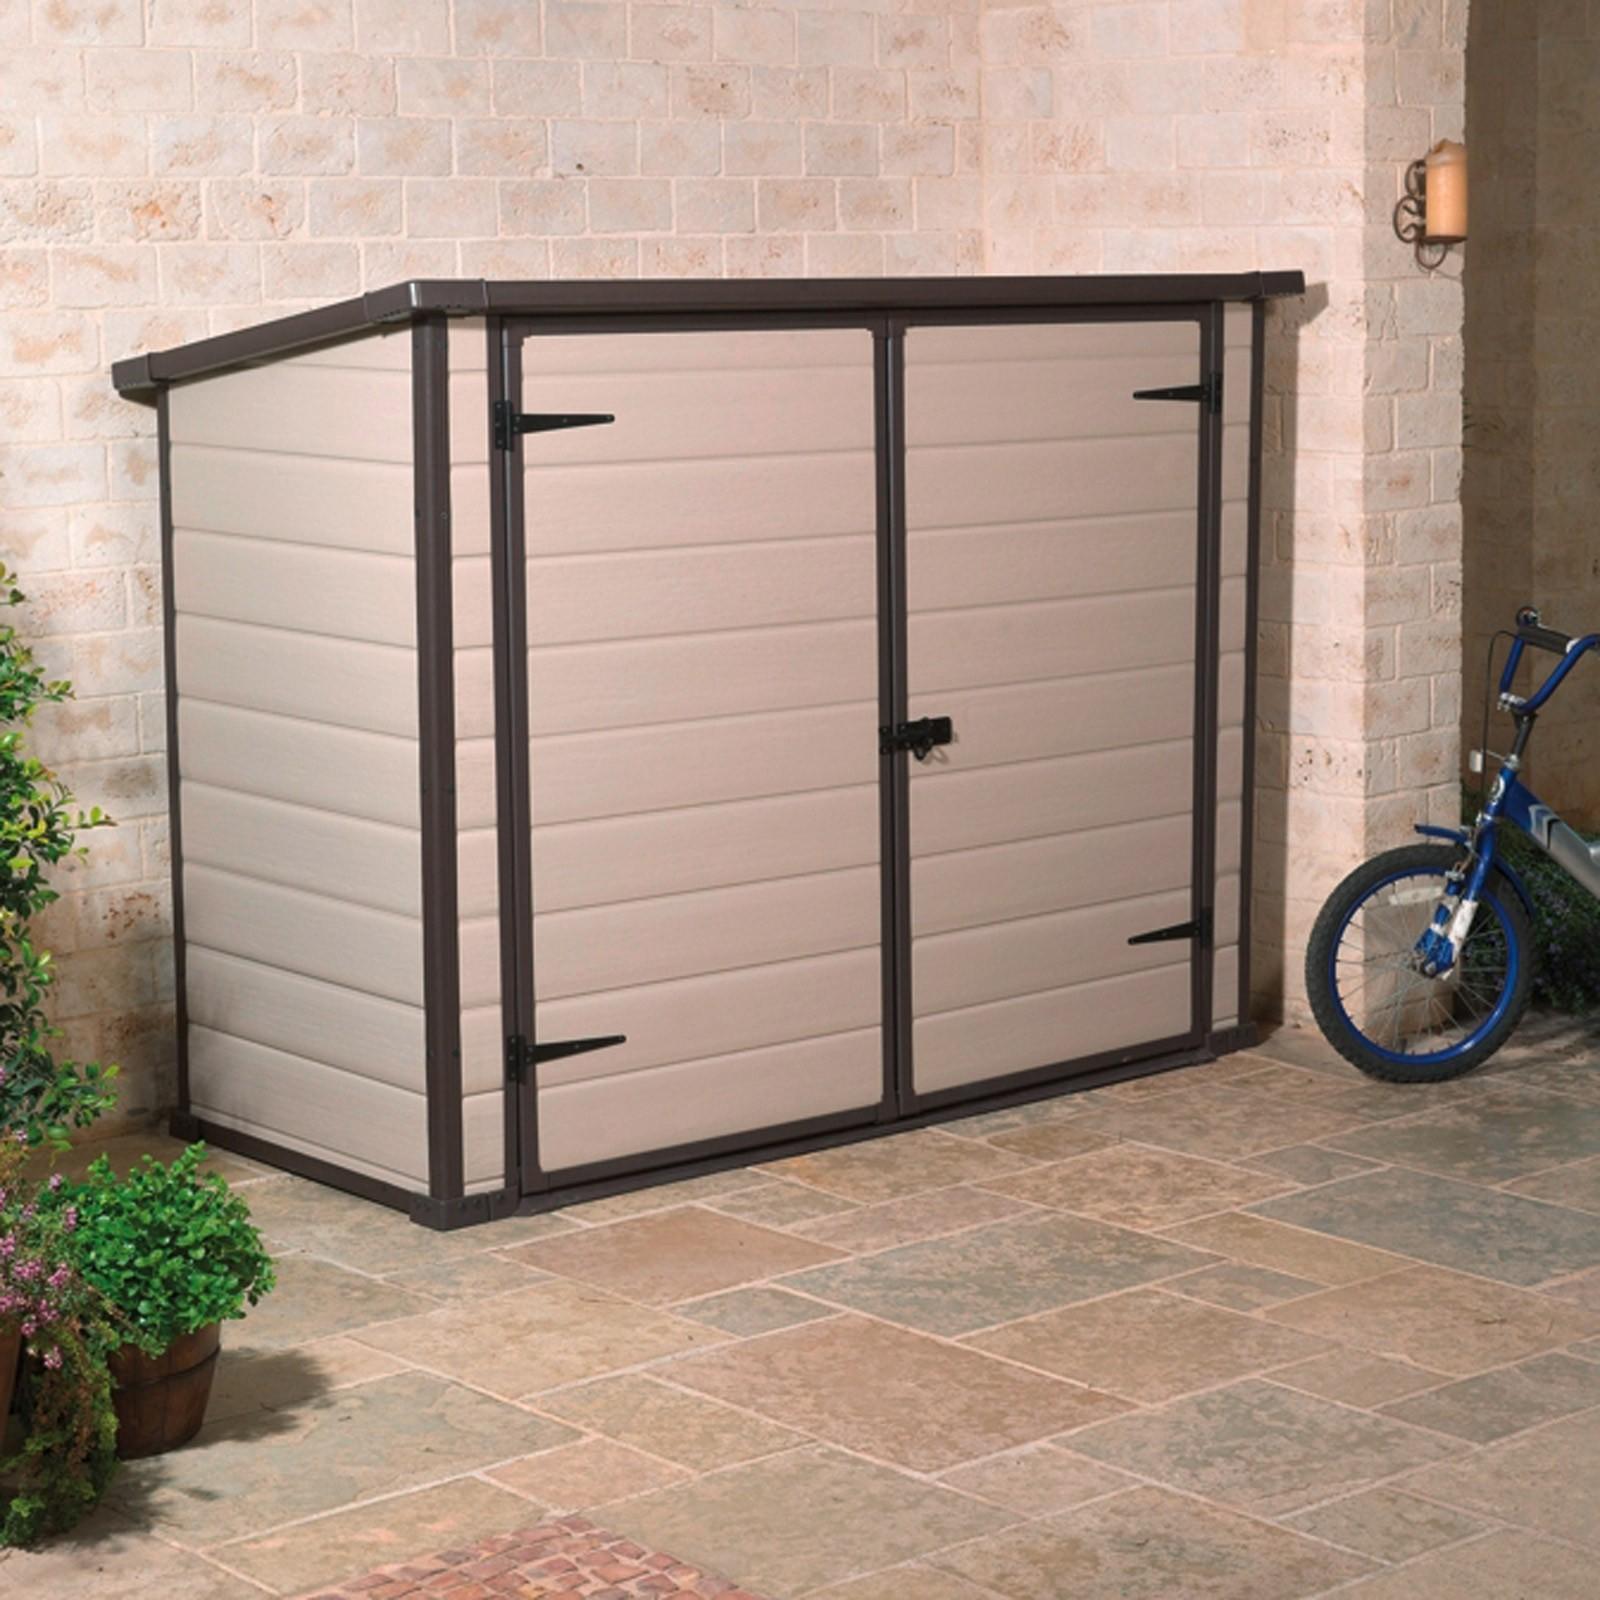 fahrrad box garten aufbewahrung – wohn-design